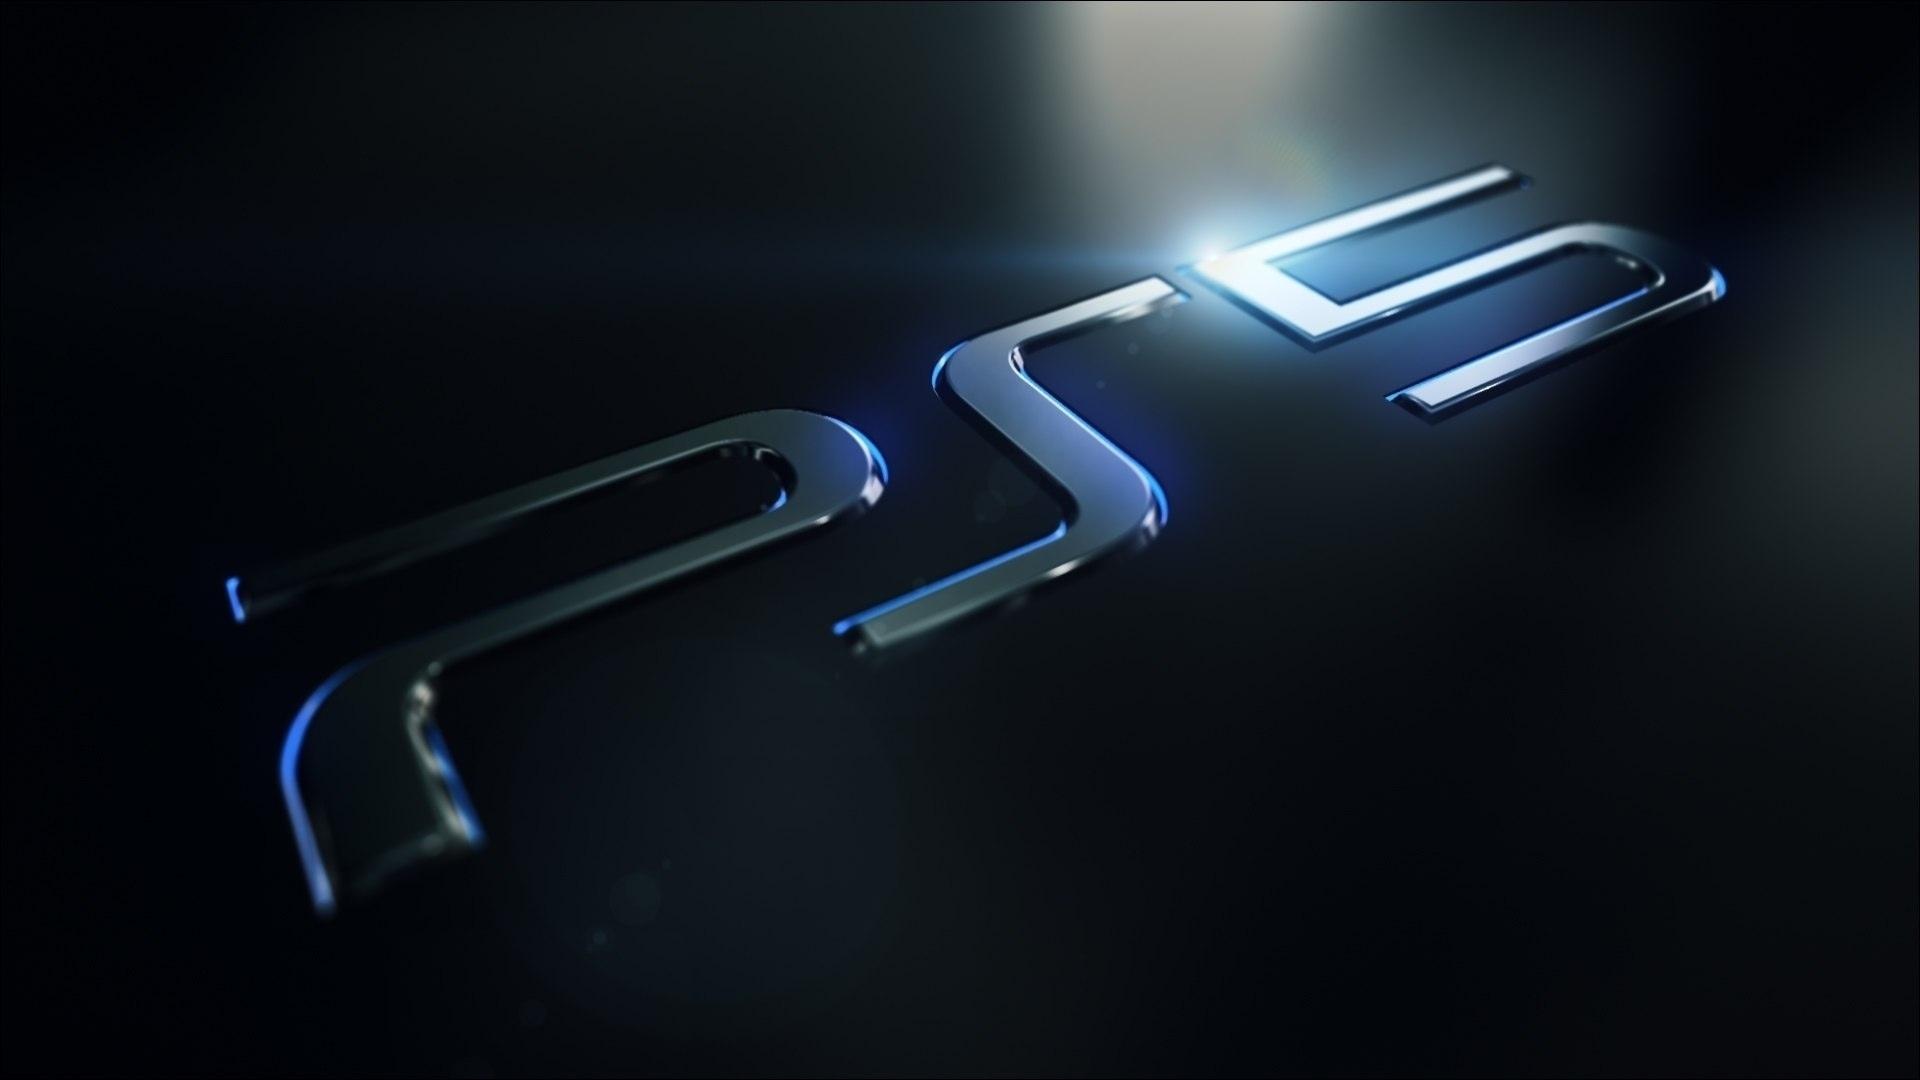 Playstation 5 Wallpaper